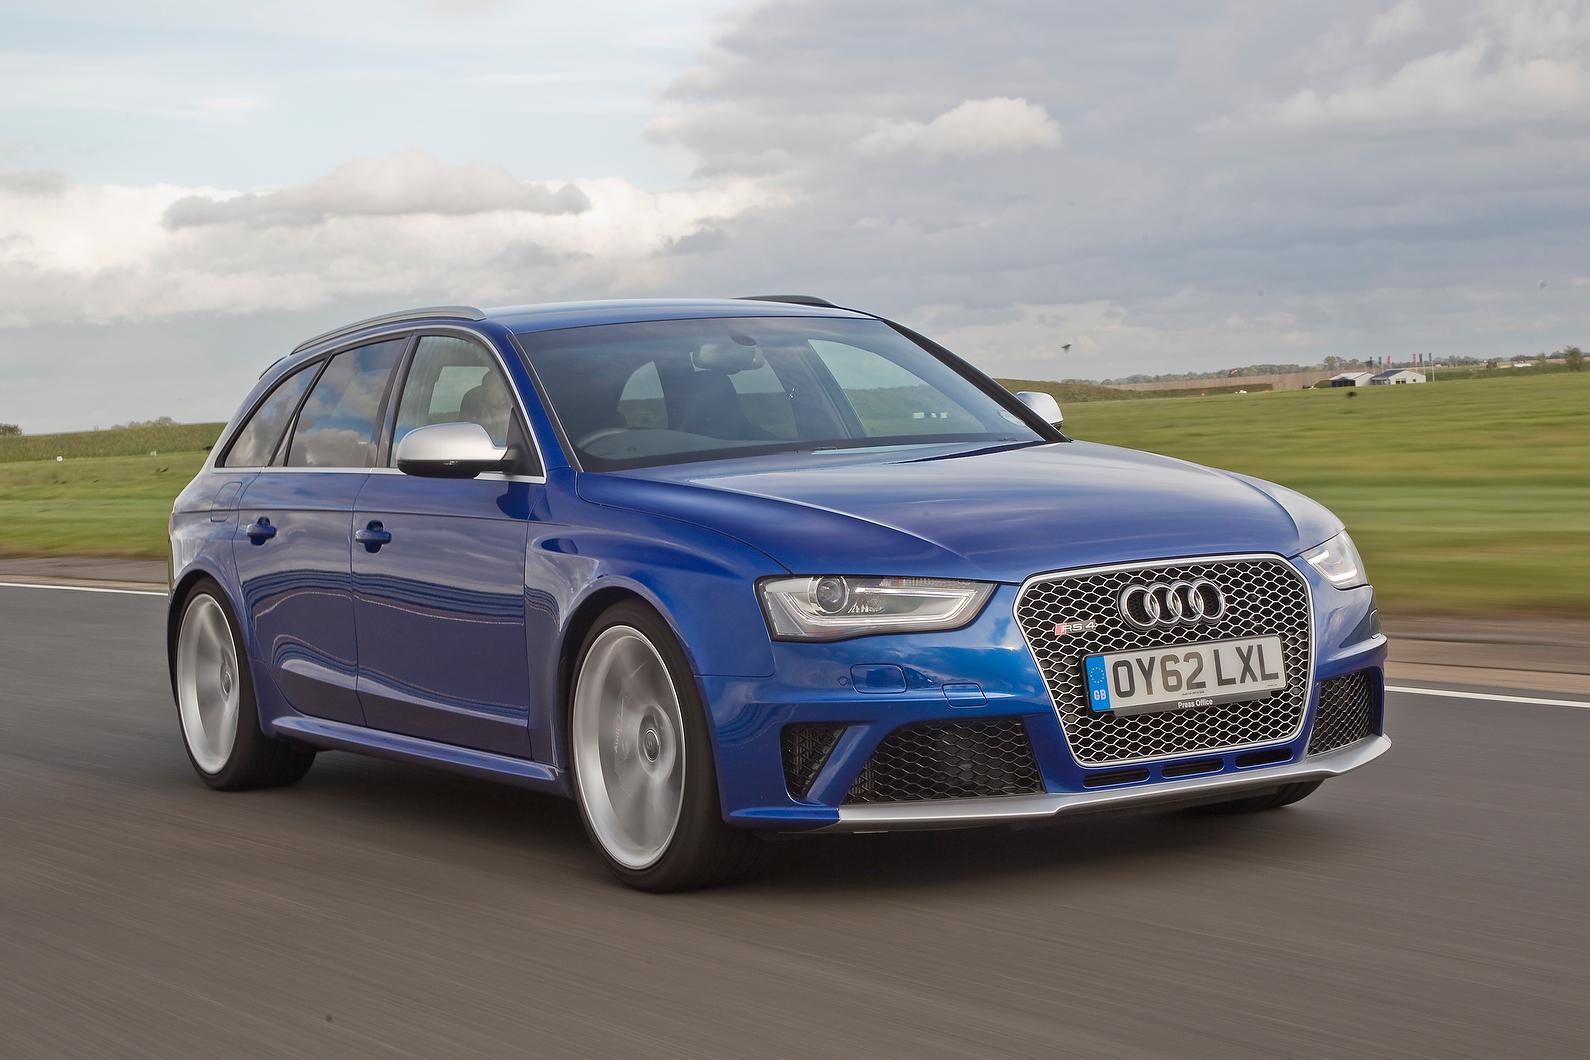 Audi Rs4 B9 >> Audi RS4 Avant Review | Autocar